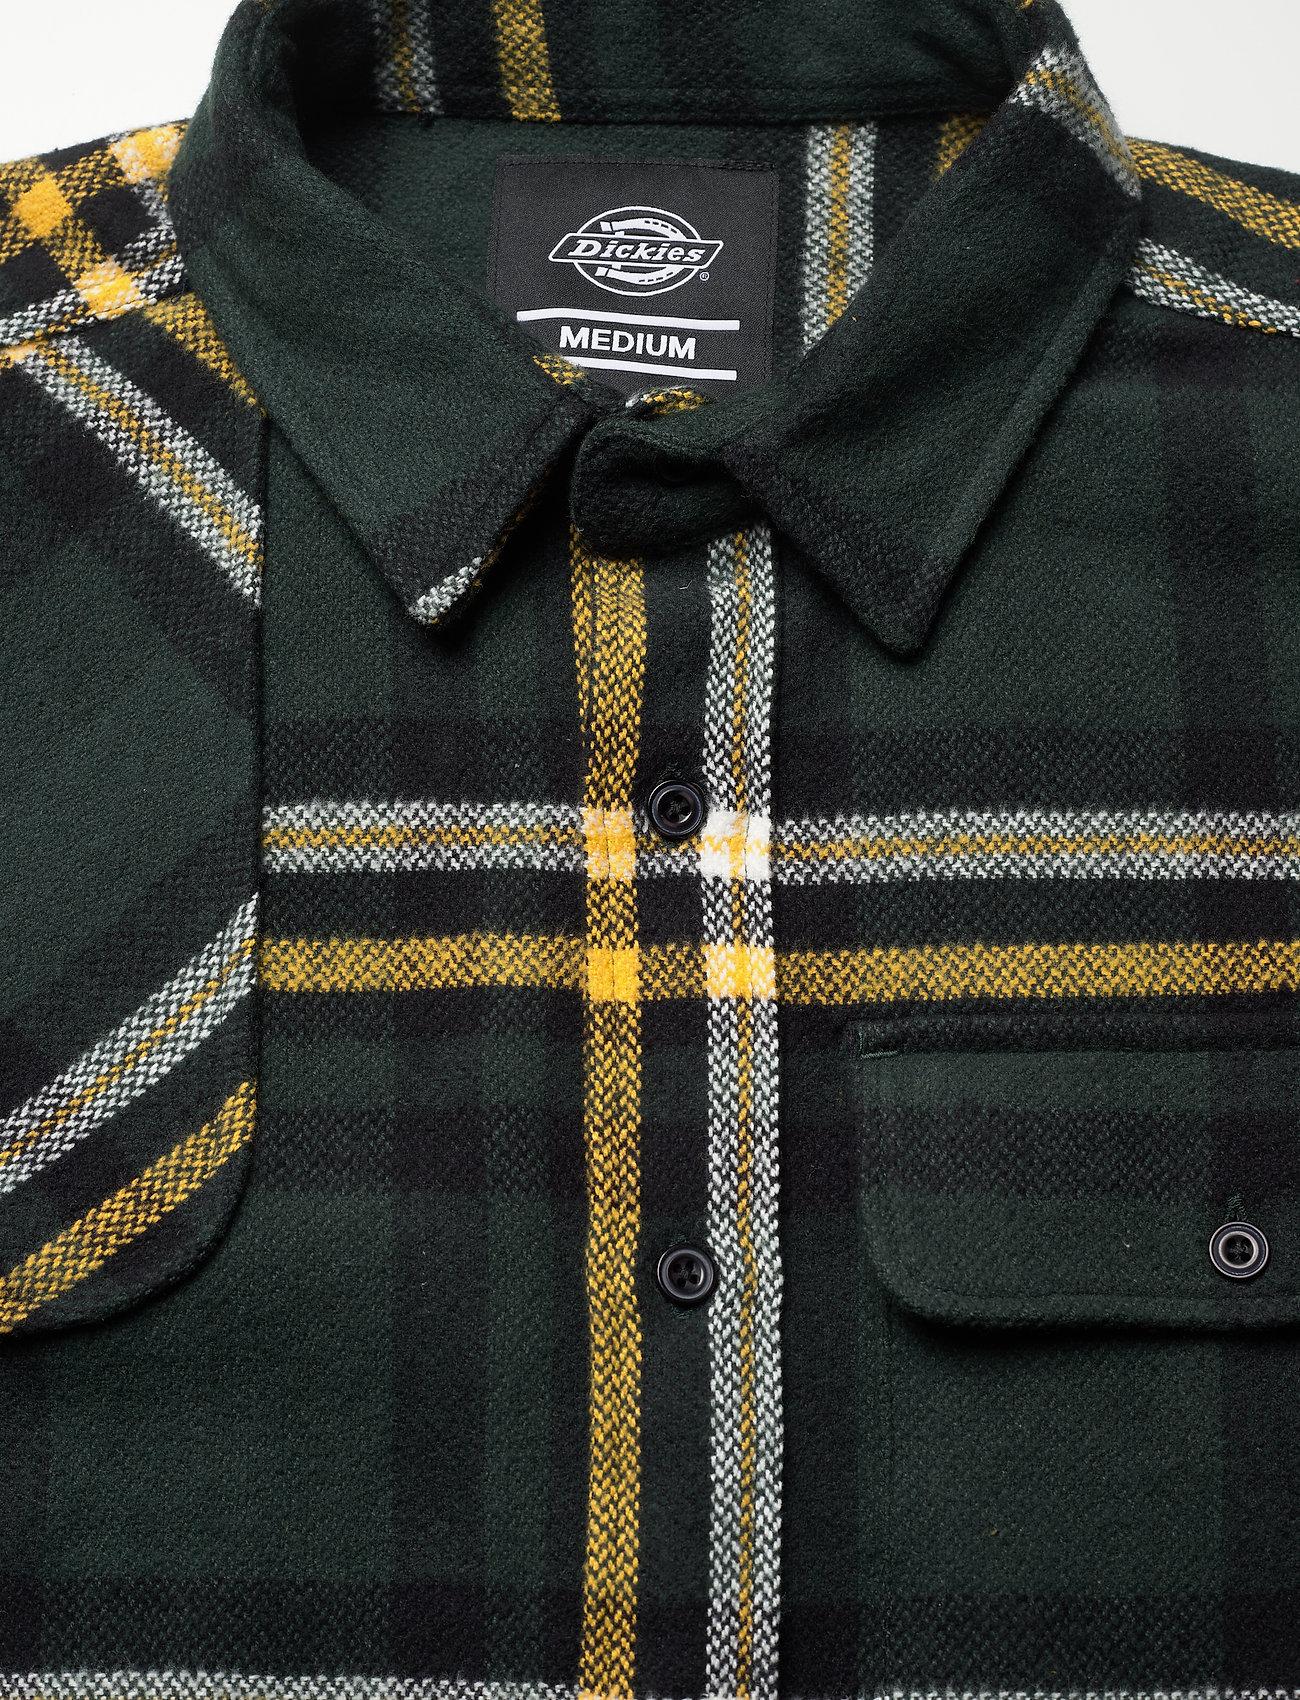 Dickies PRESTONBURG - Skjorter OLIVE GREEN - Menn Klær